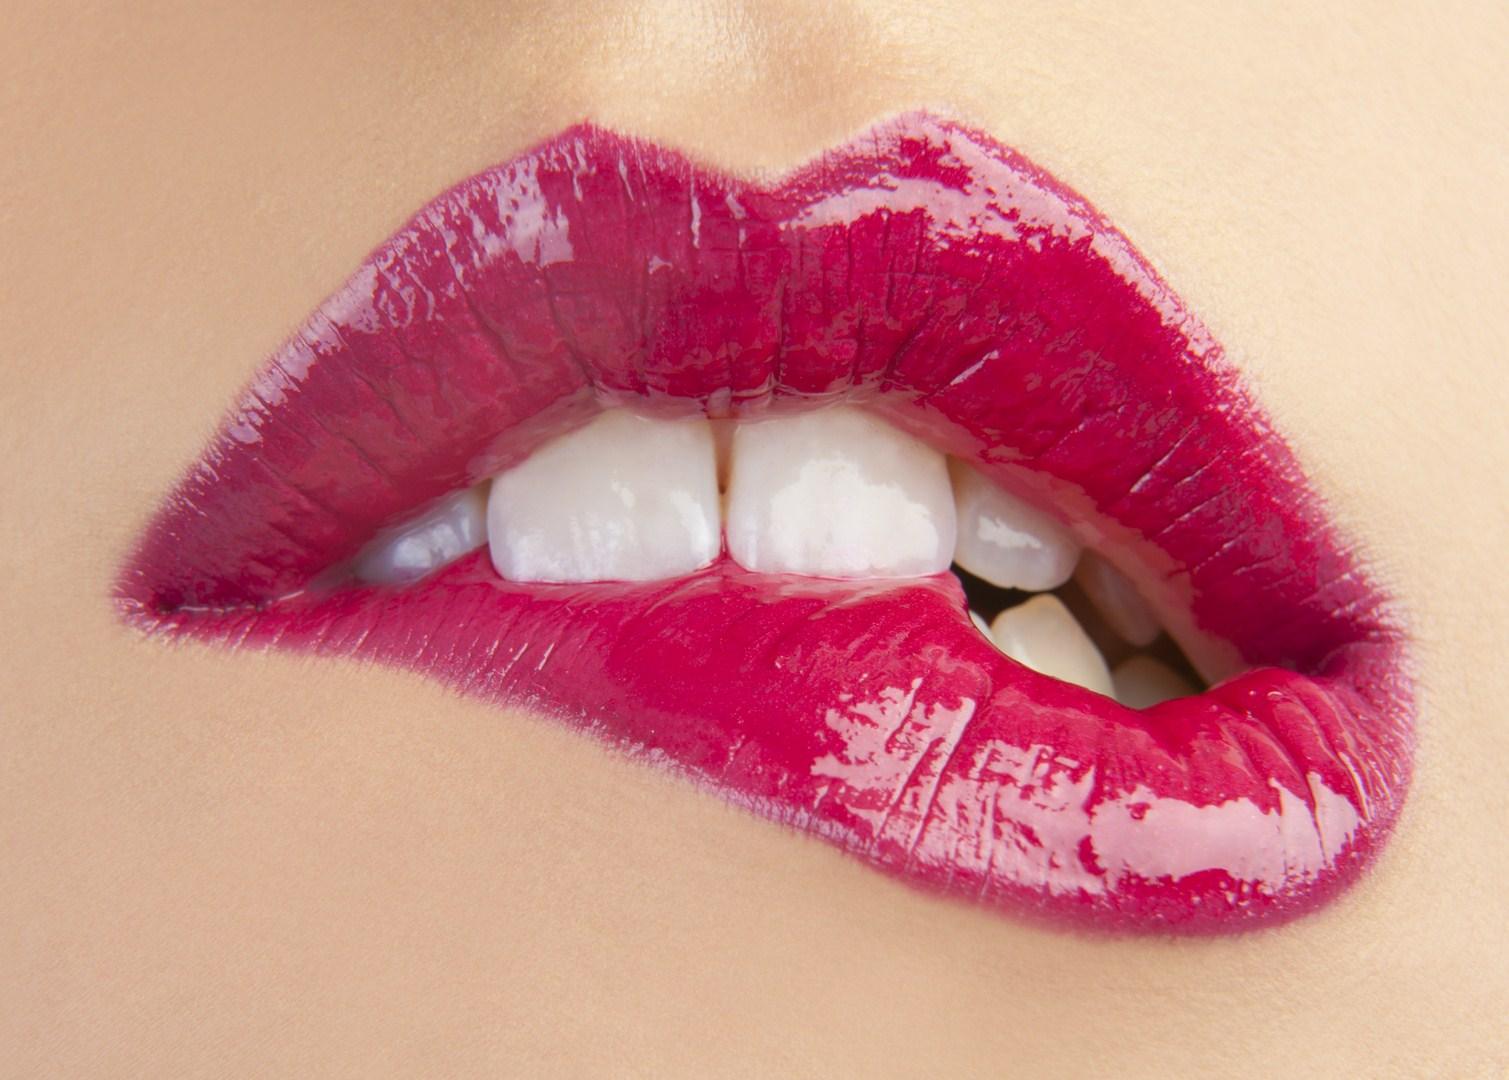 טיפולי שיניים, טיפול שיניים